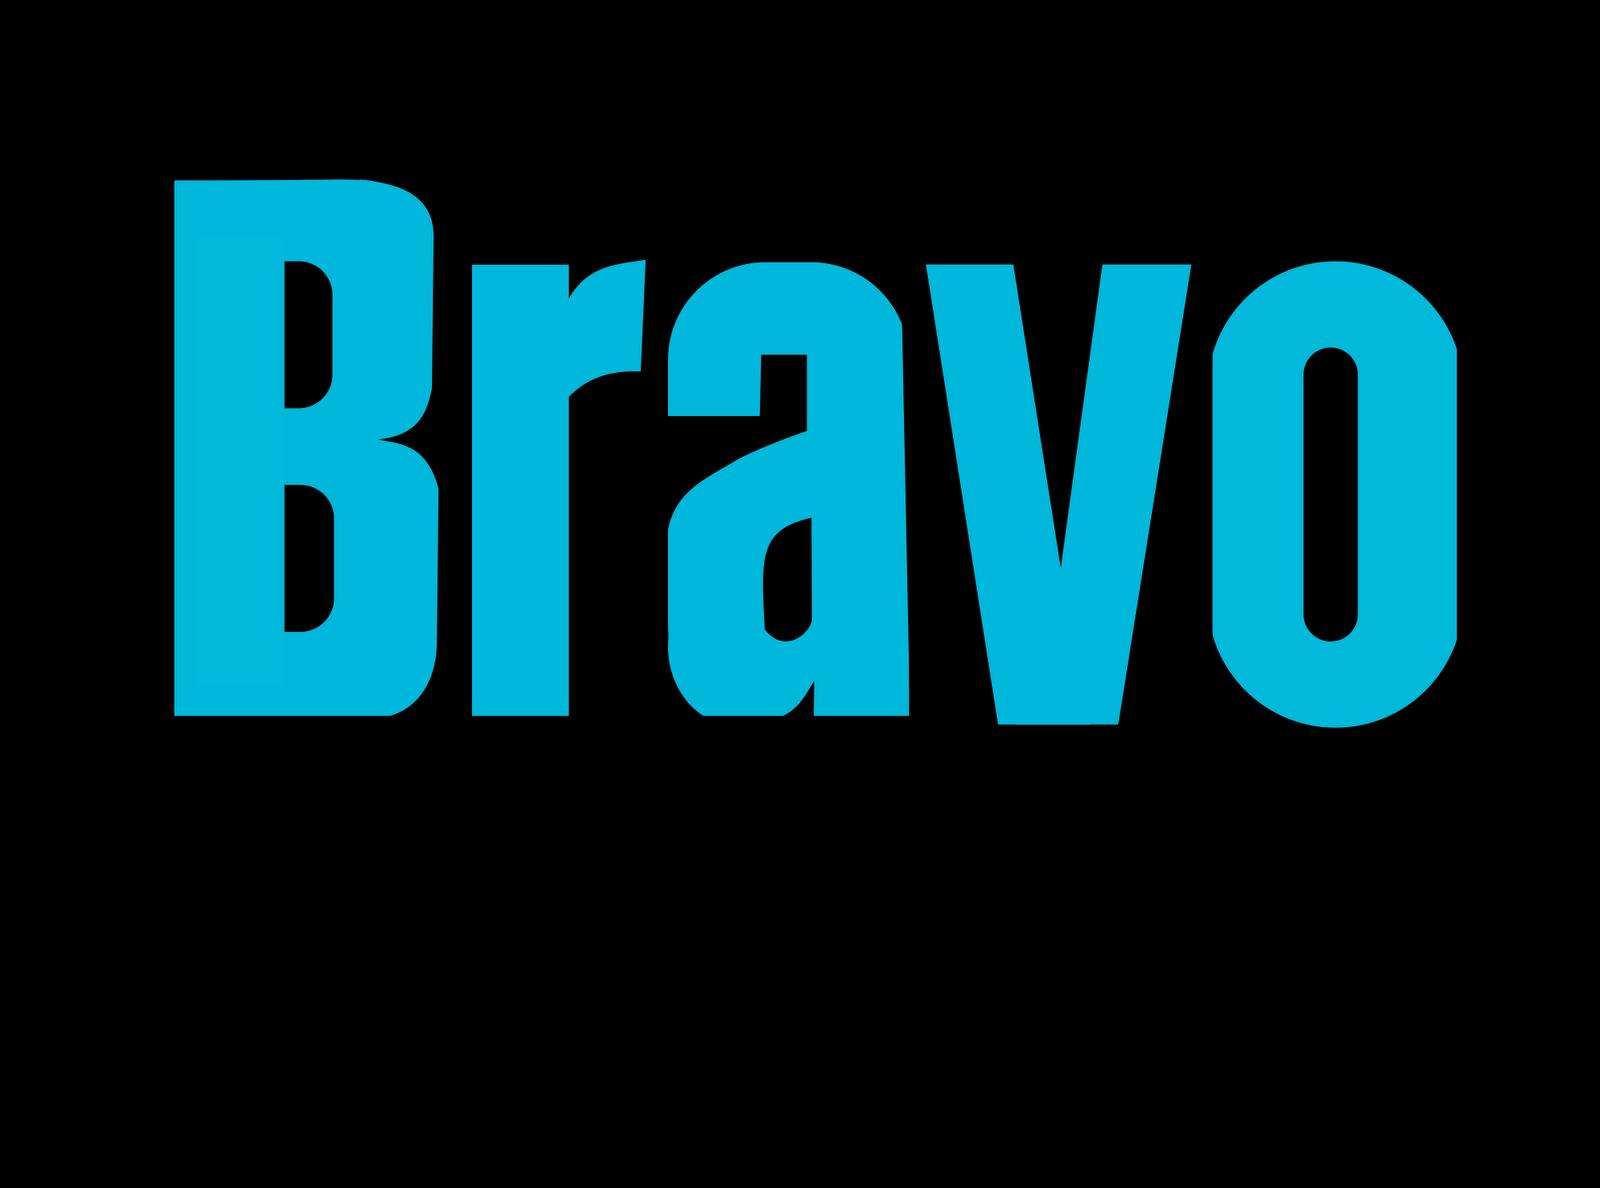 Bravo-TV-Logo-Wallpaper.png